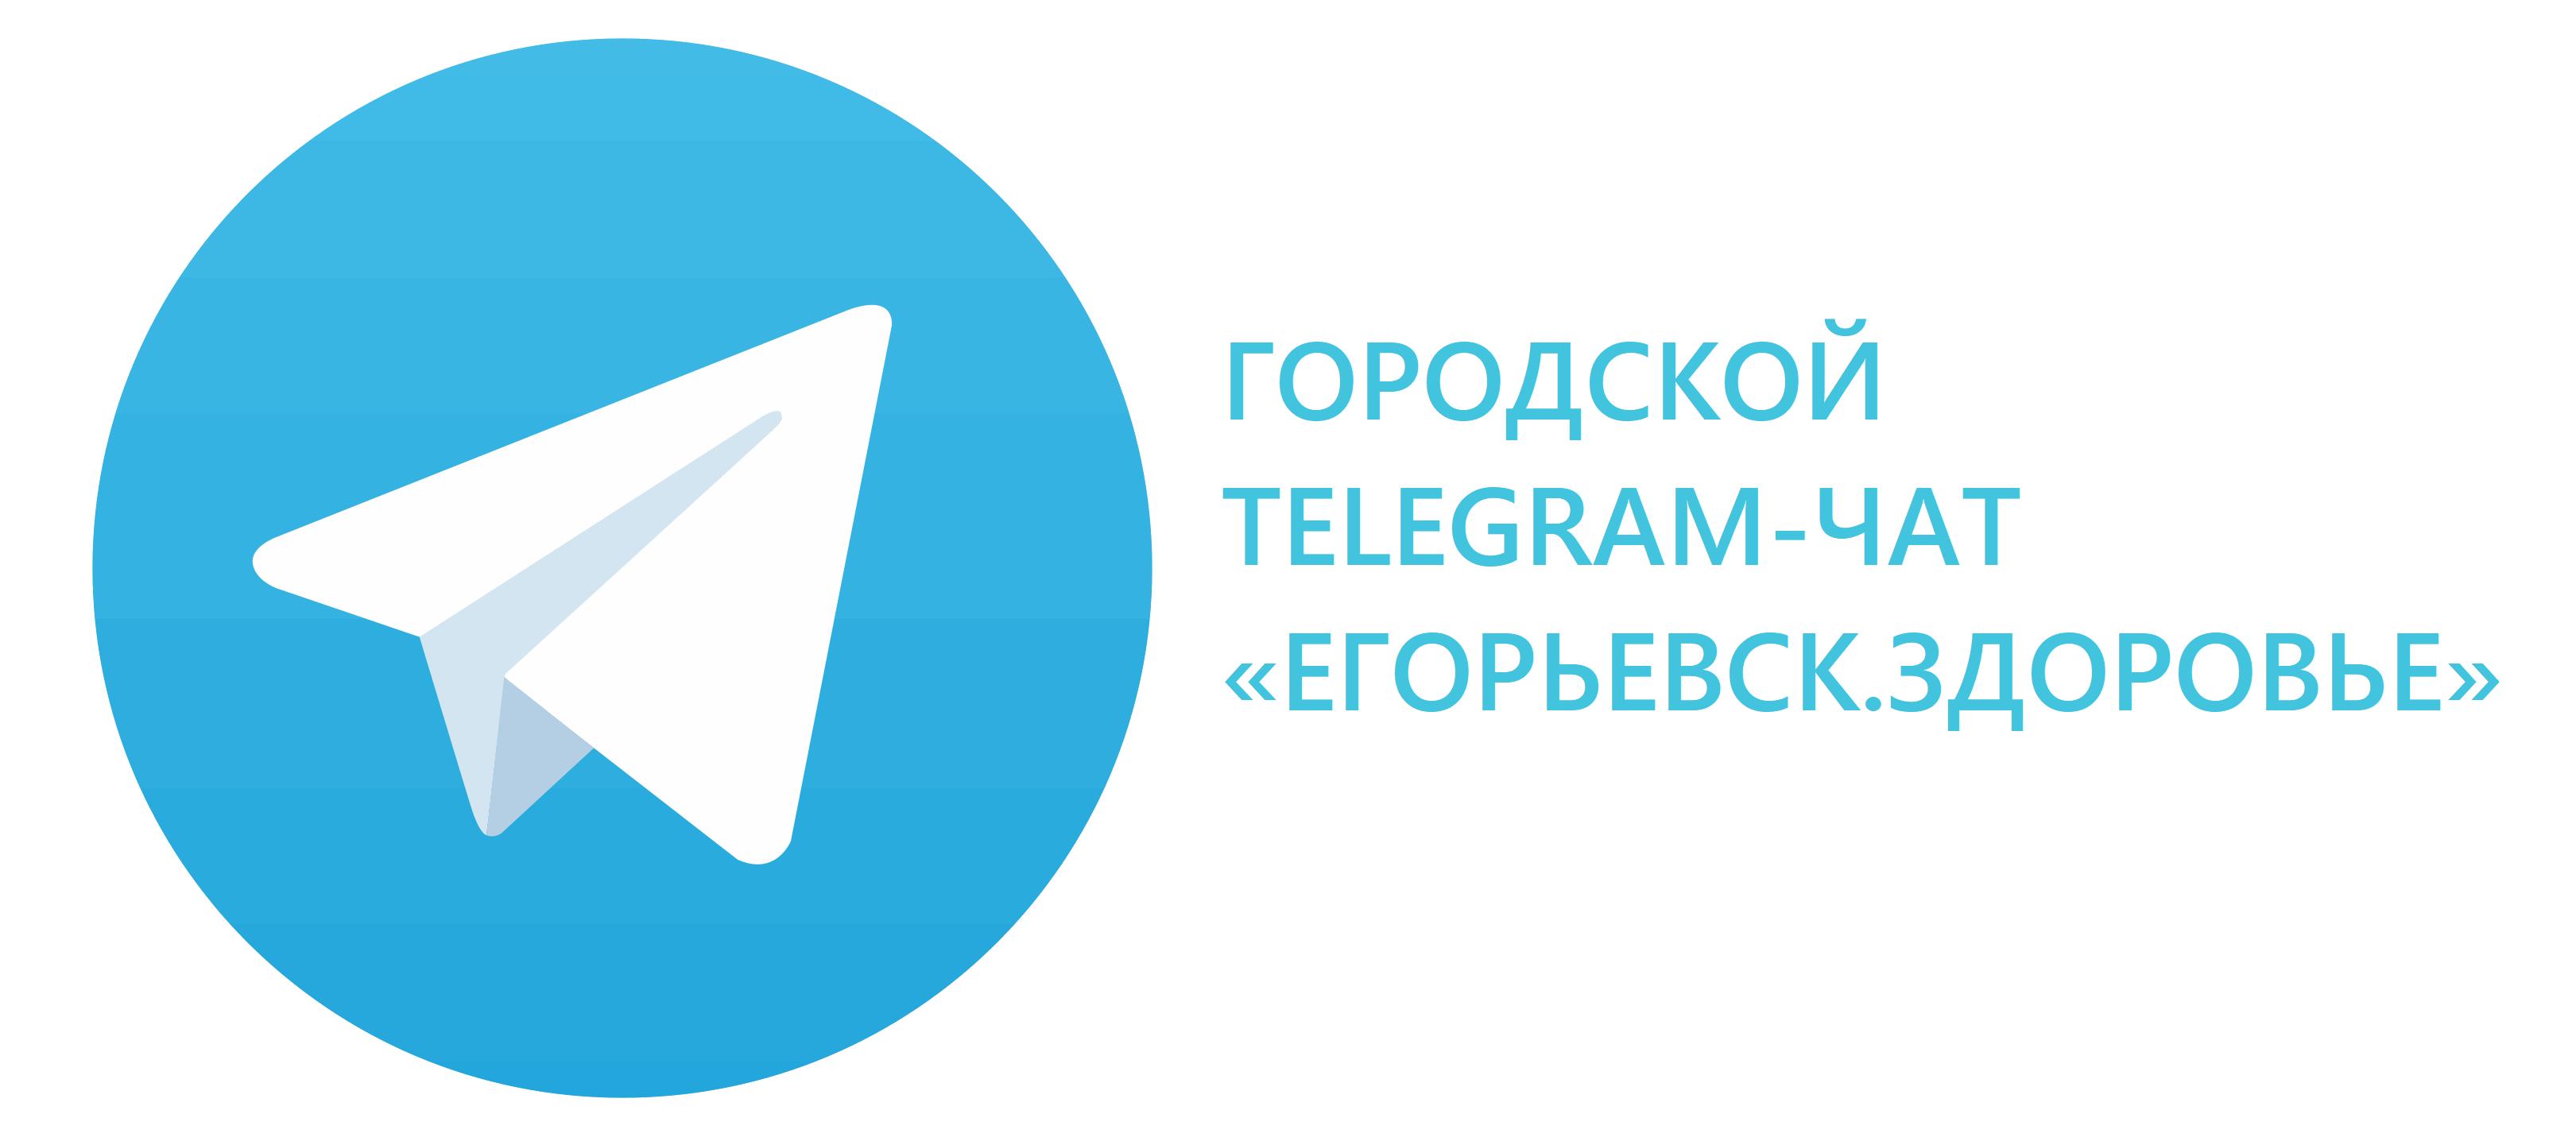 Переход в телеграм-чат Егорьевск.Здоровье